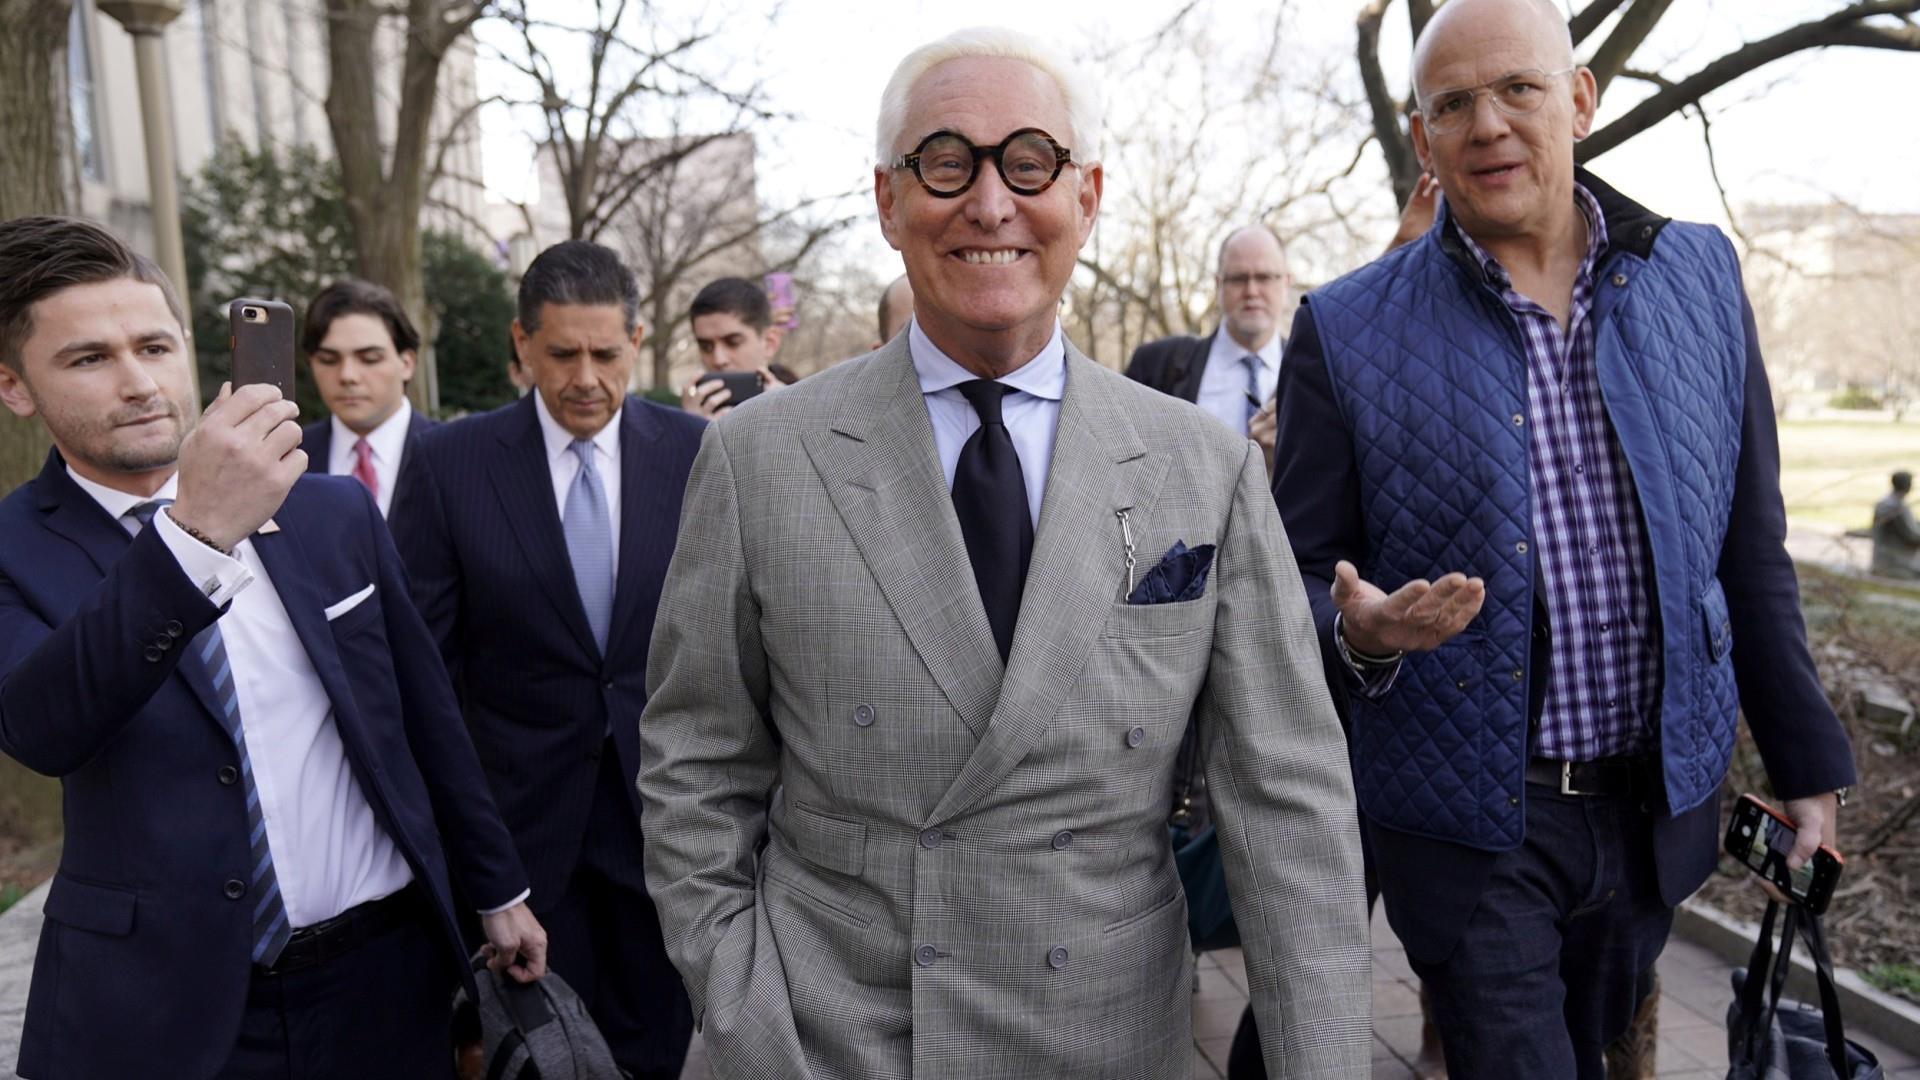 Roger Stone trial set for November 5